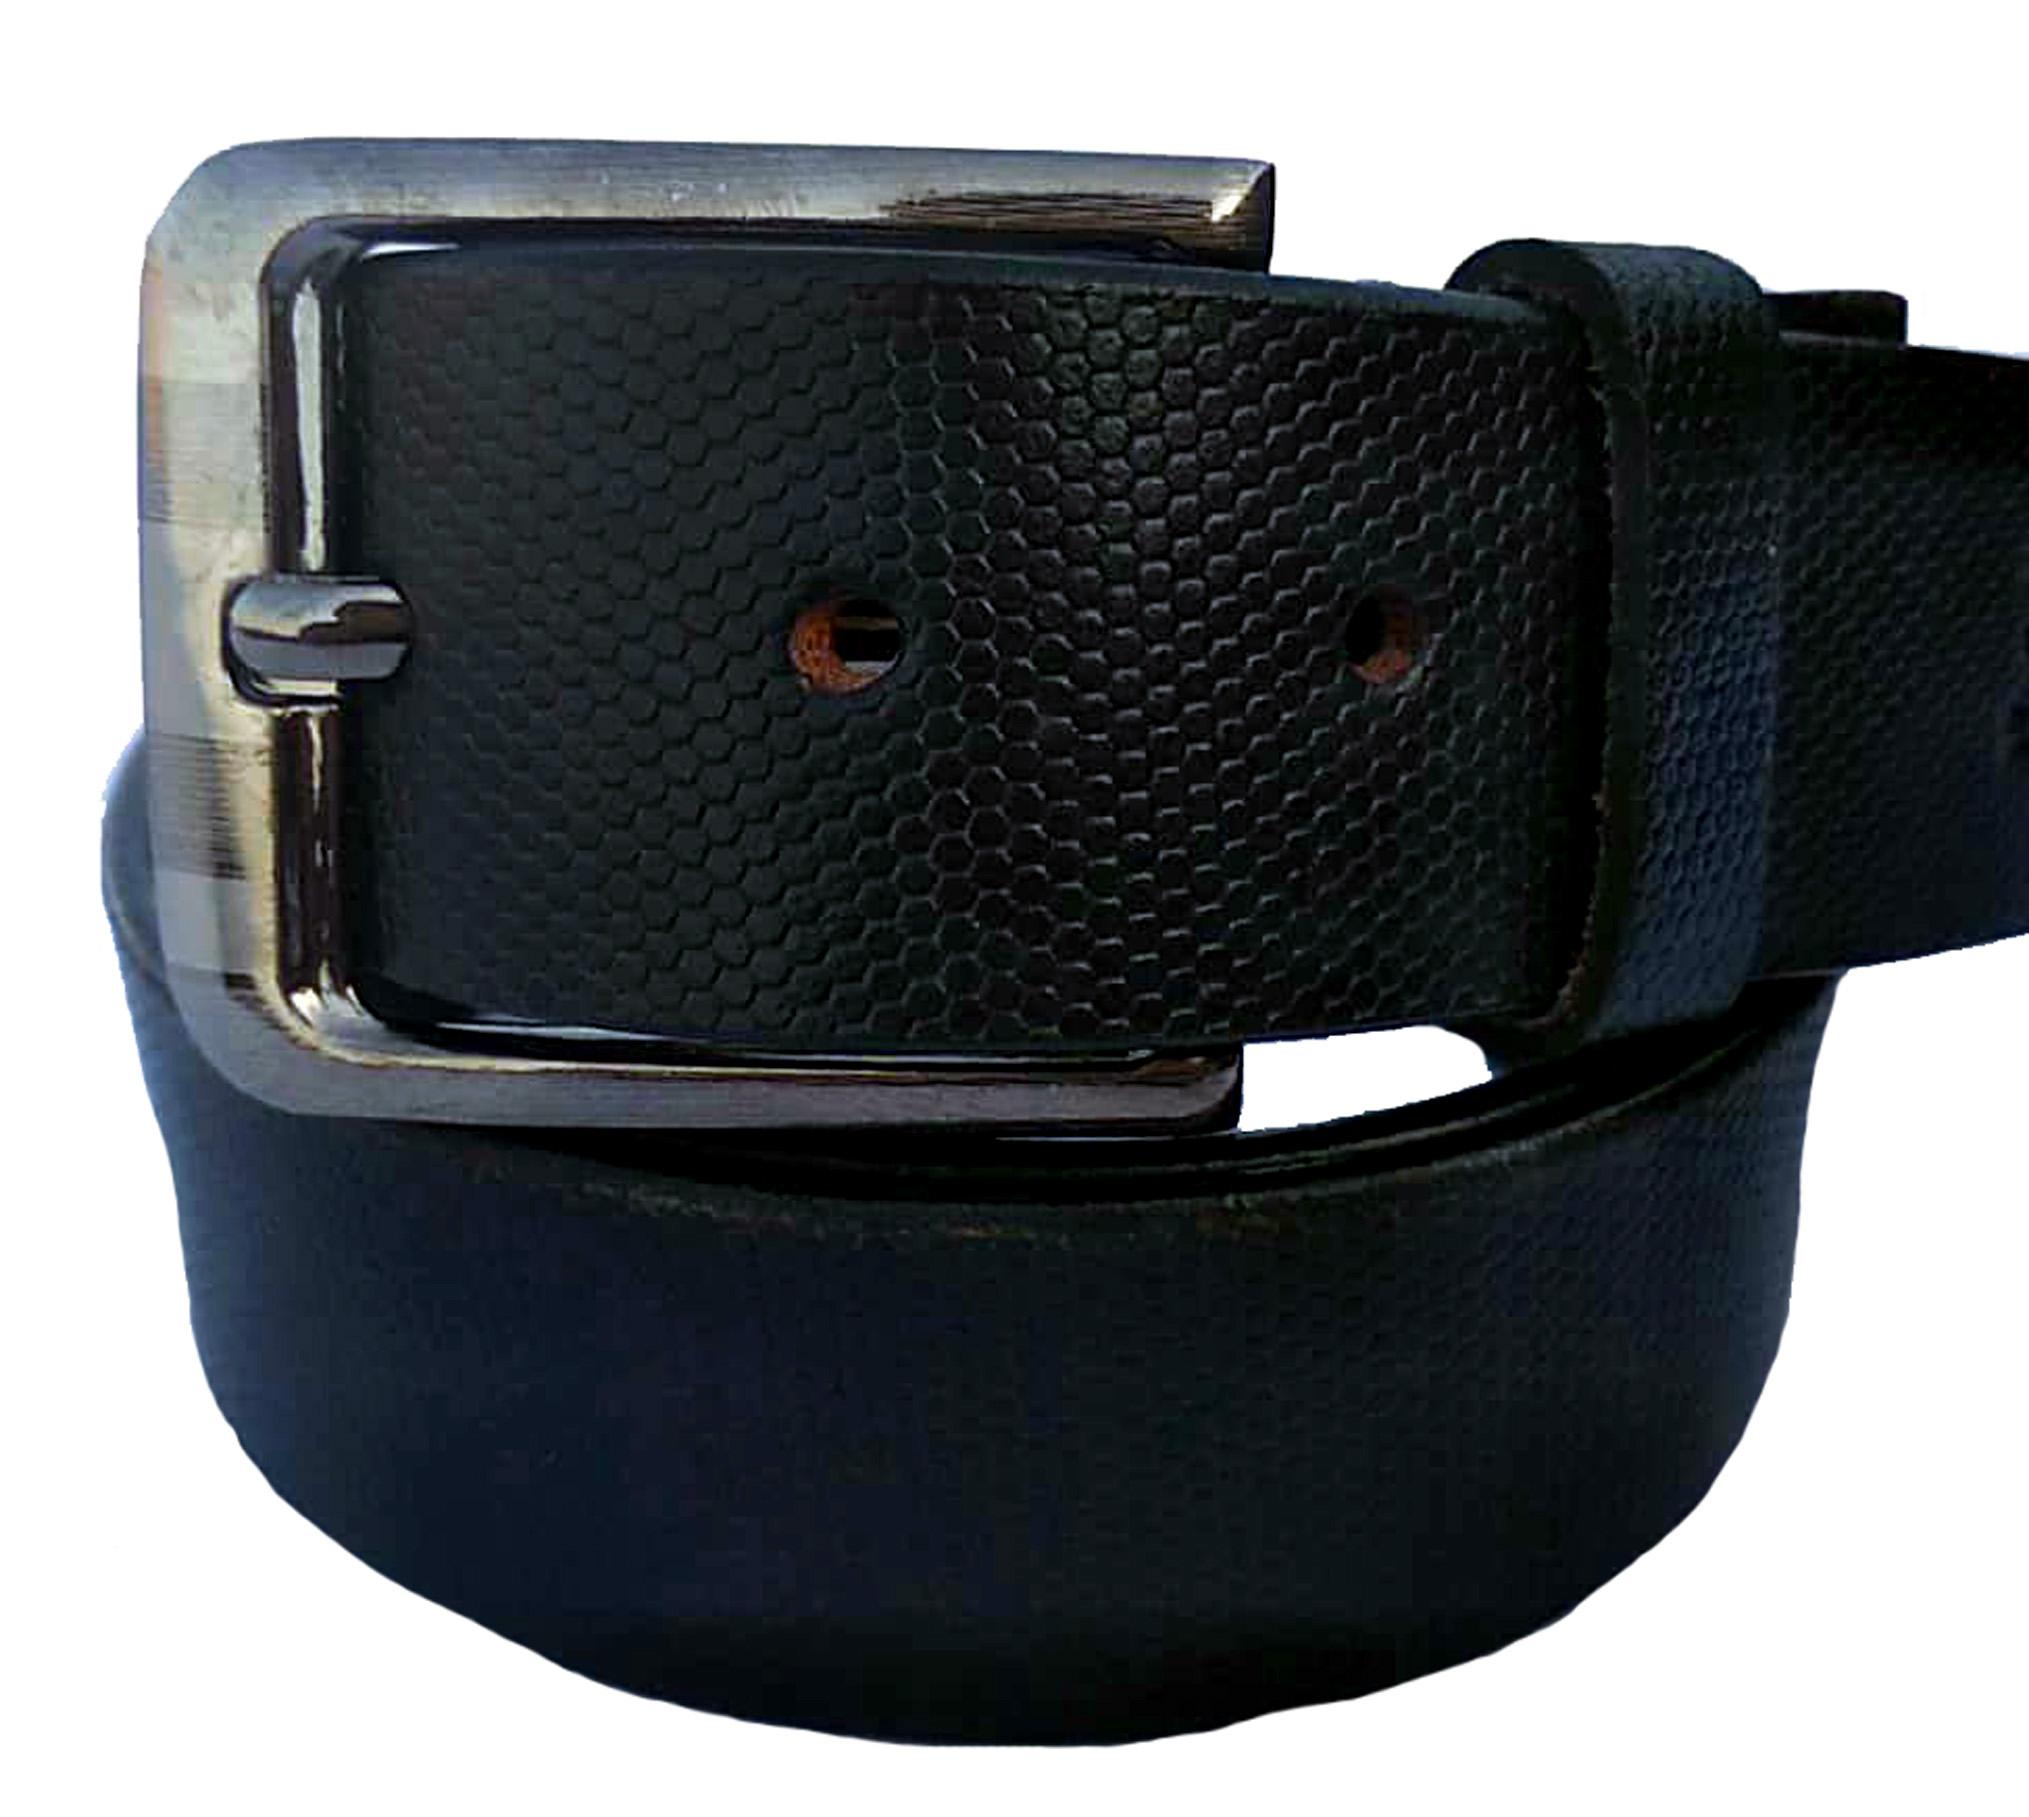 Forever99 Men's Leather Belt 100 Full Grain Genuine Leather Belts   Handmade Leather Belts leather belt for men formal branded #Black